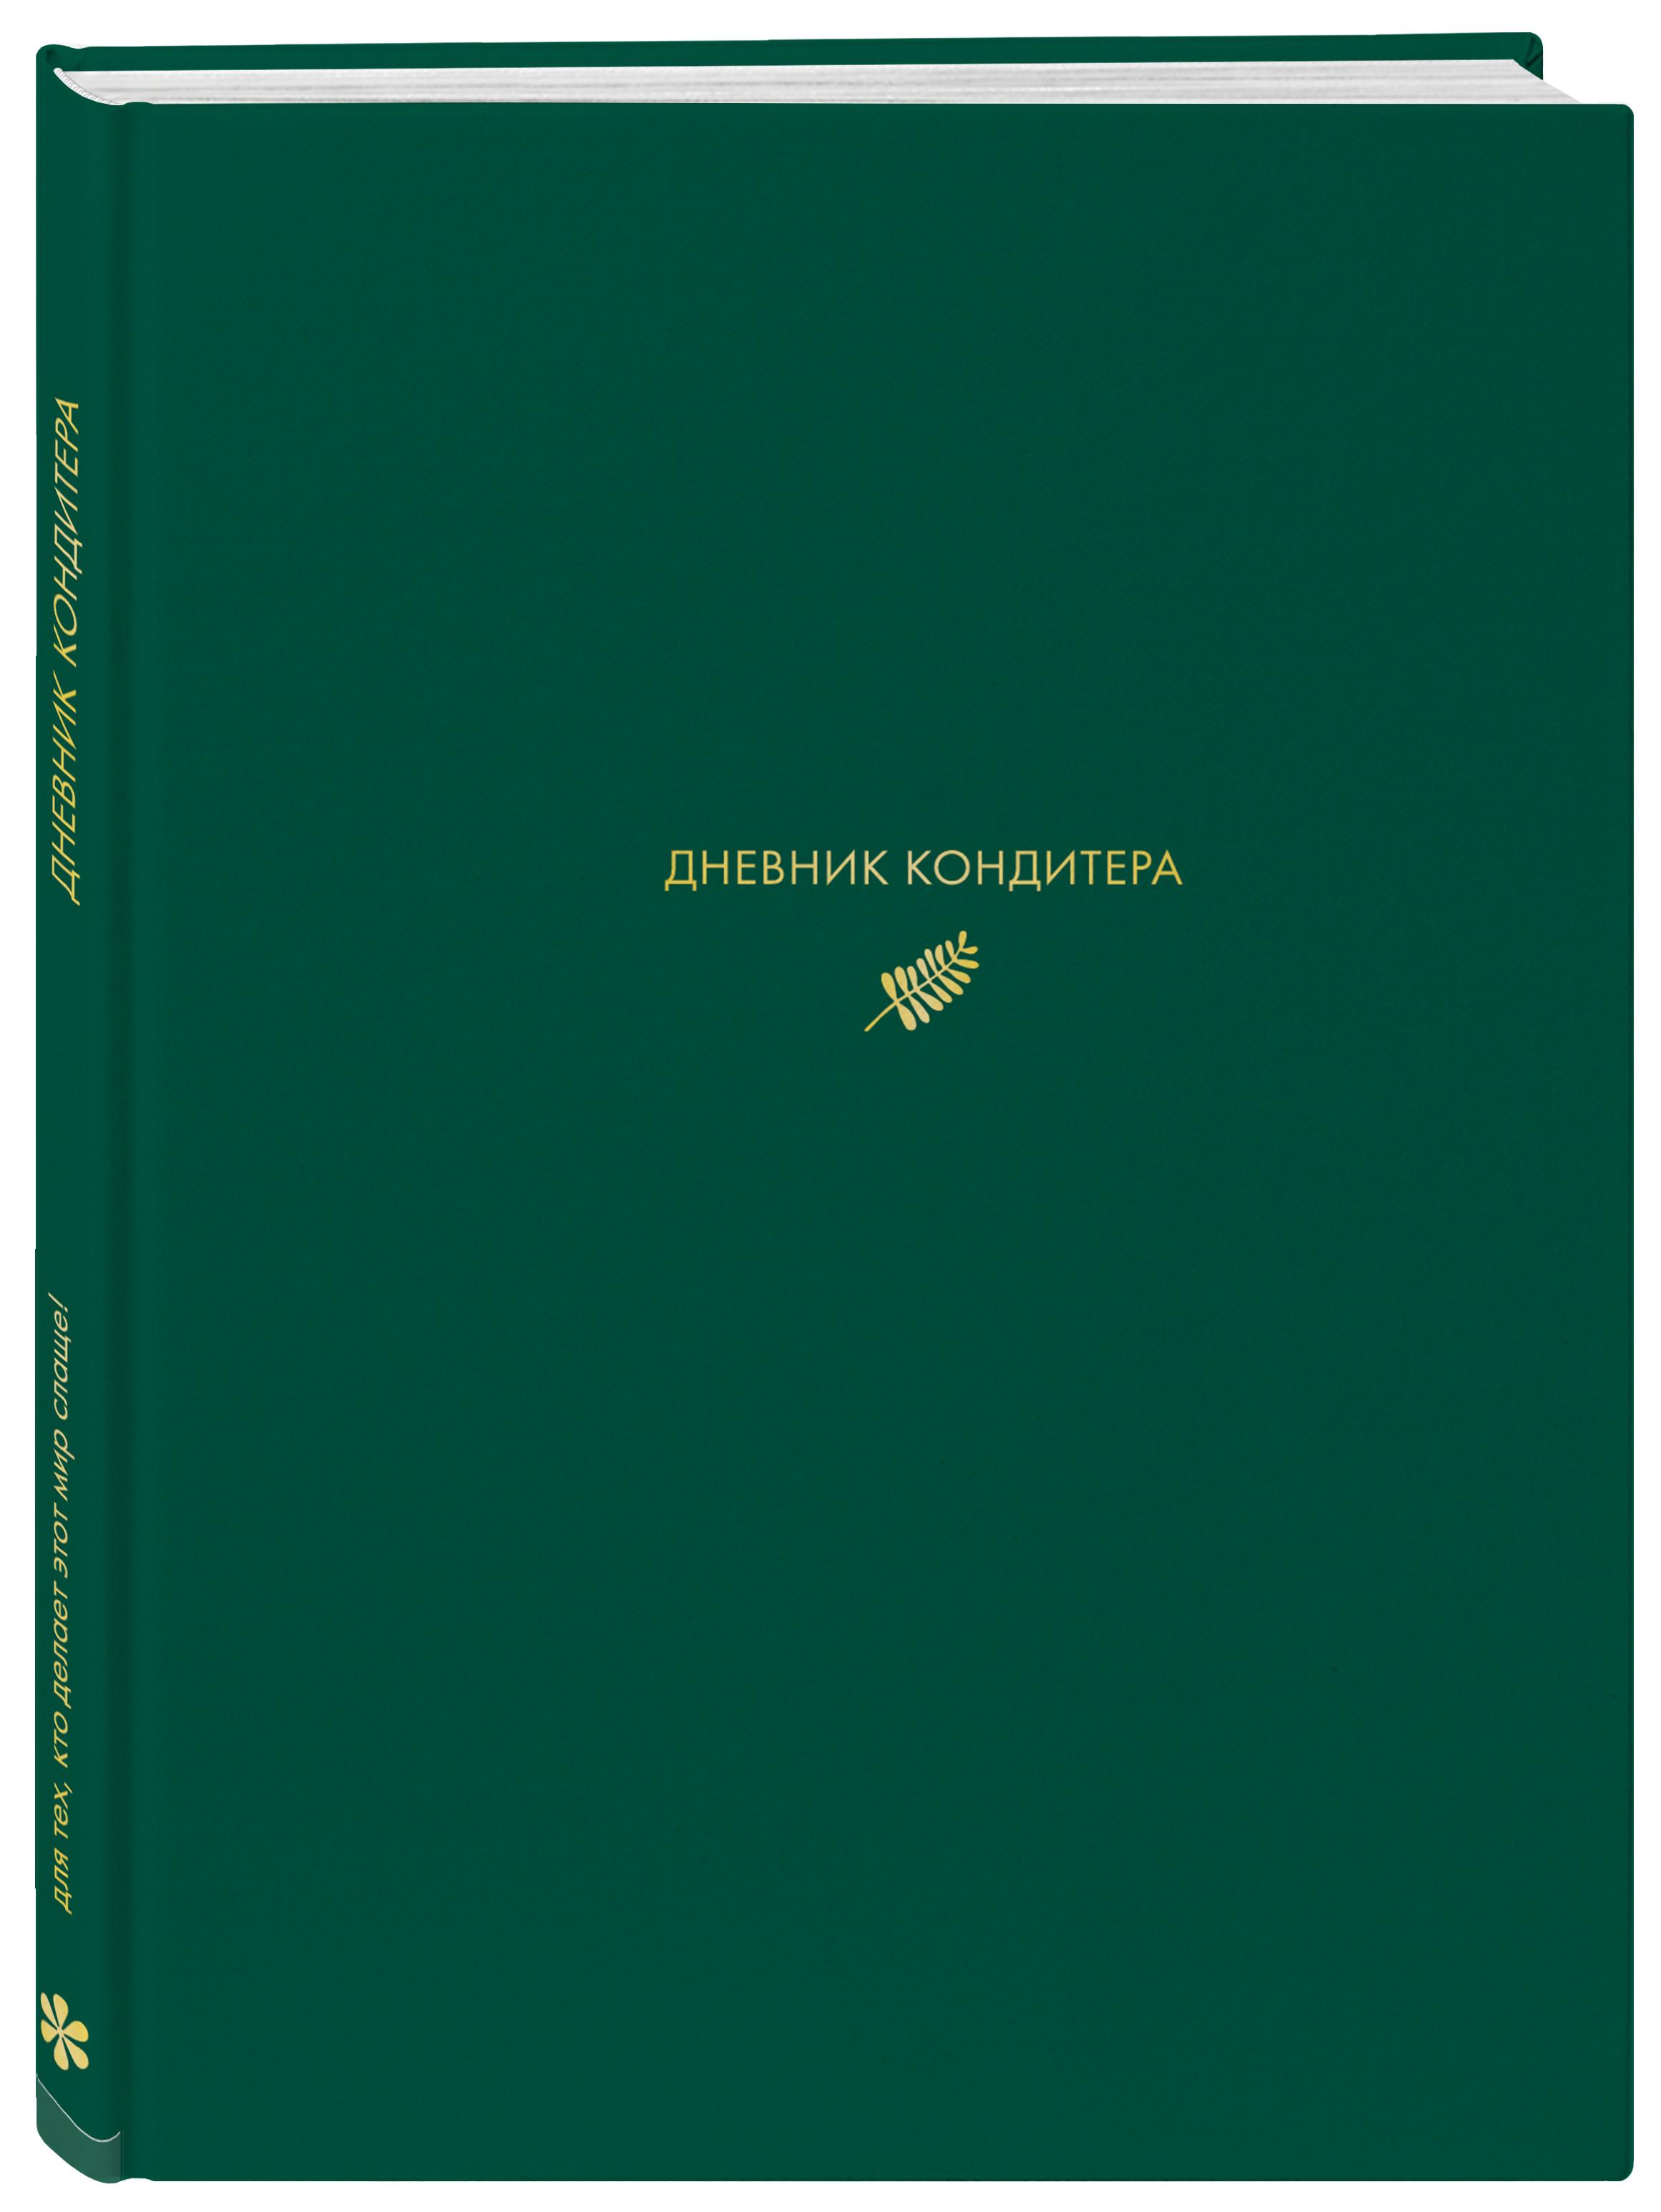 Дневник кондитера ( Виктория Мельник  )